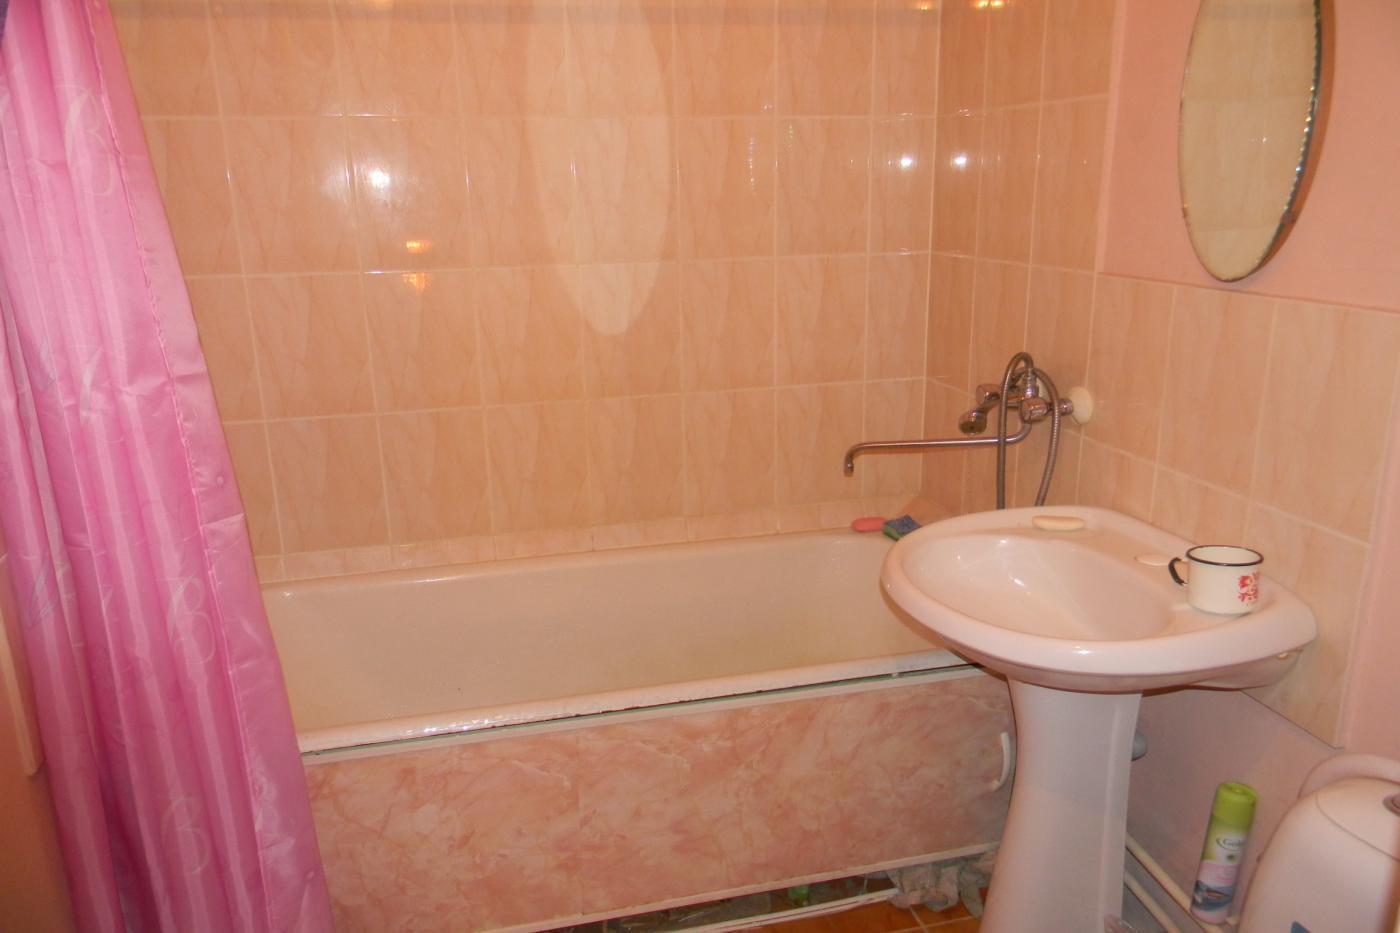 1-комнатная квартира посуточно (вариант № 2317), ул. Комсомольский проспект, фото № 4